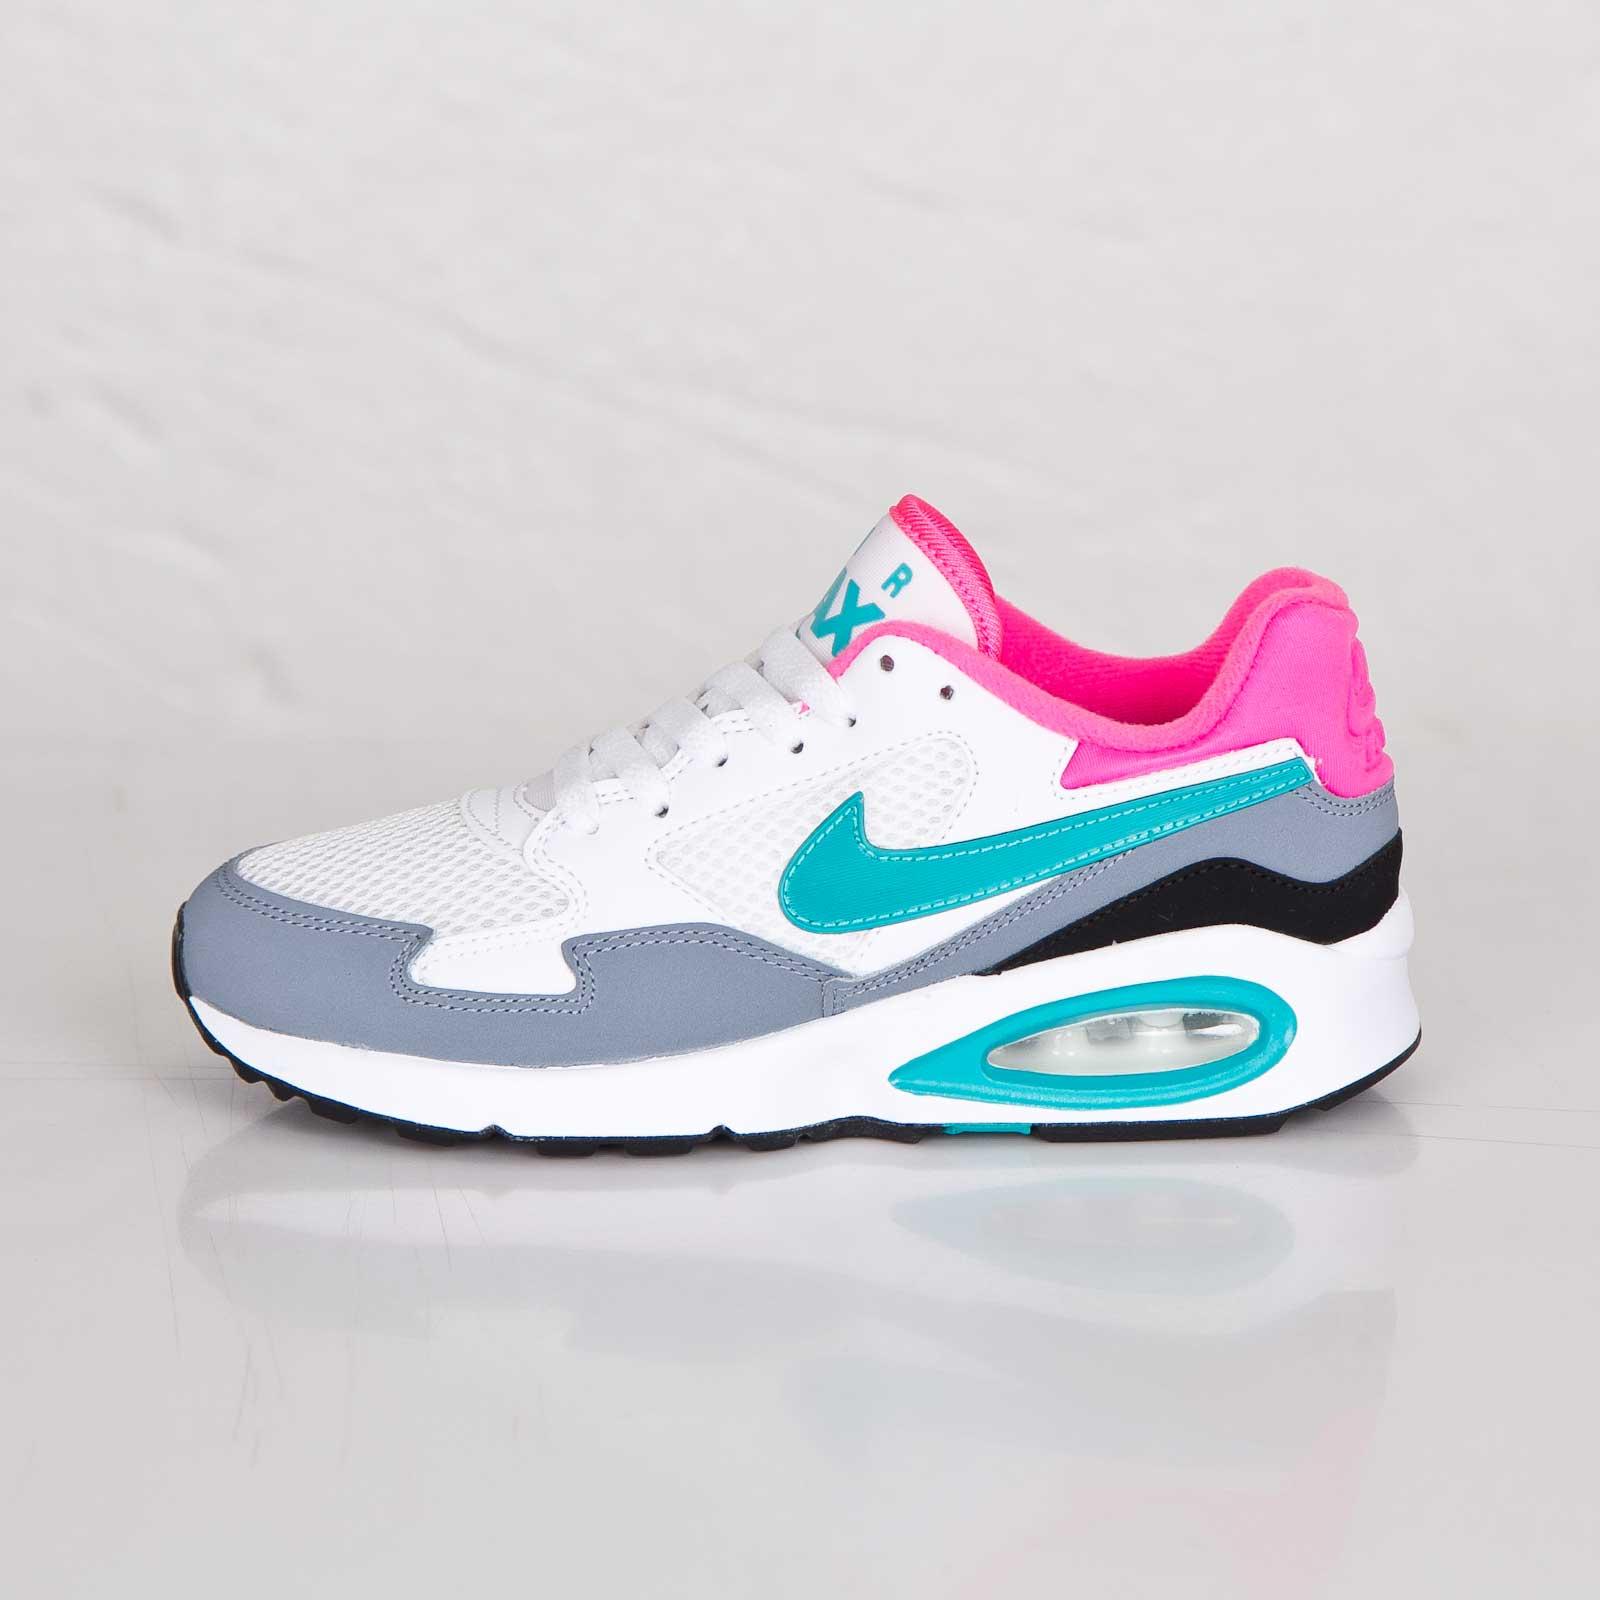 Nike Air Max St Gs (38.5) Le3rqe